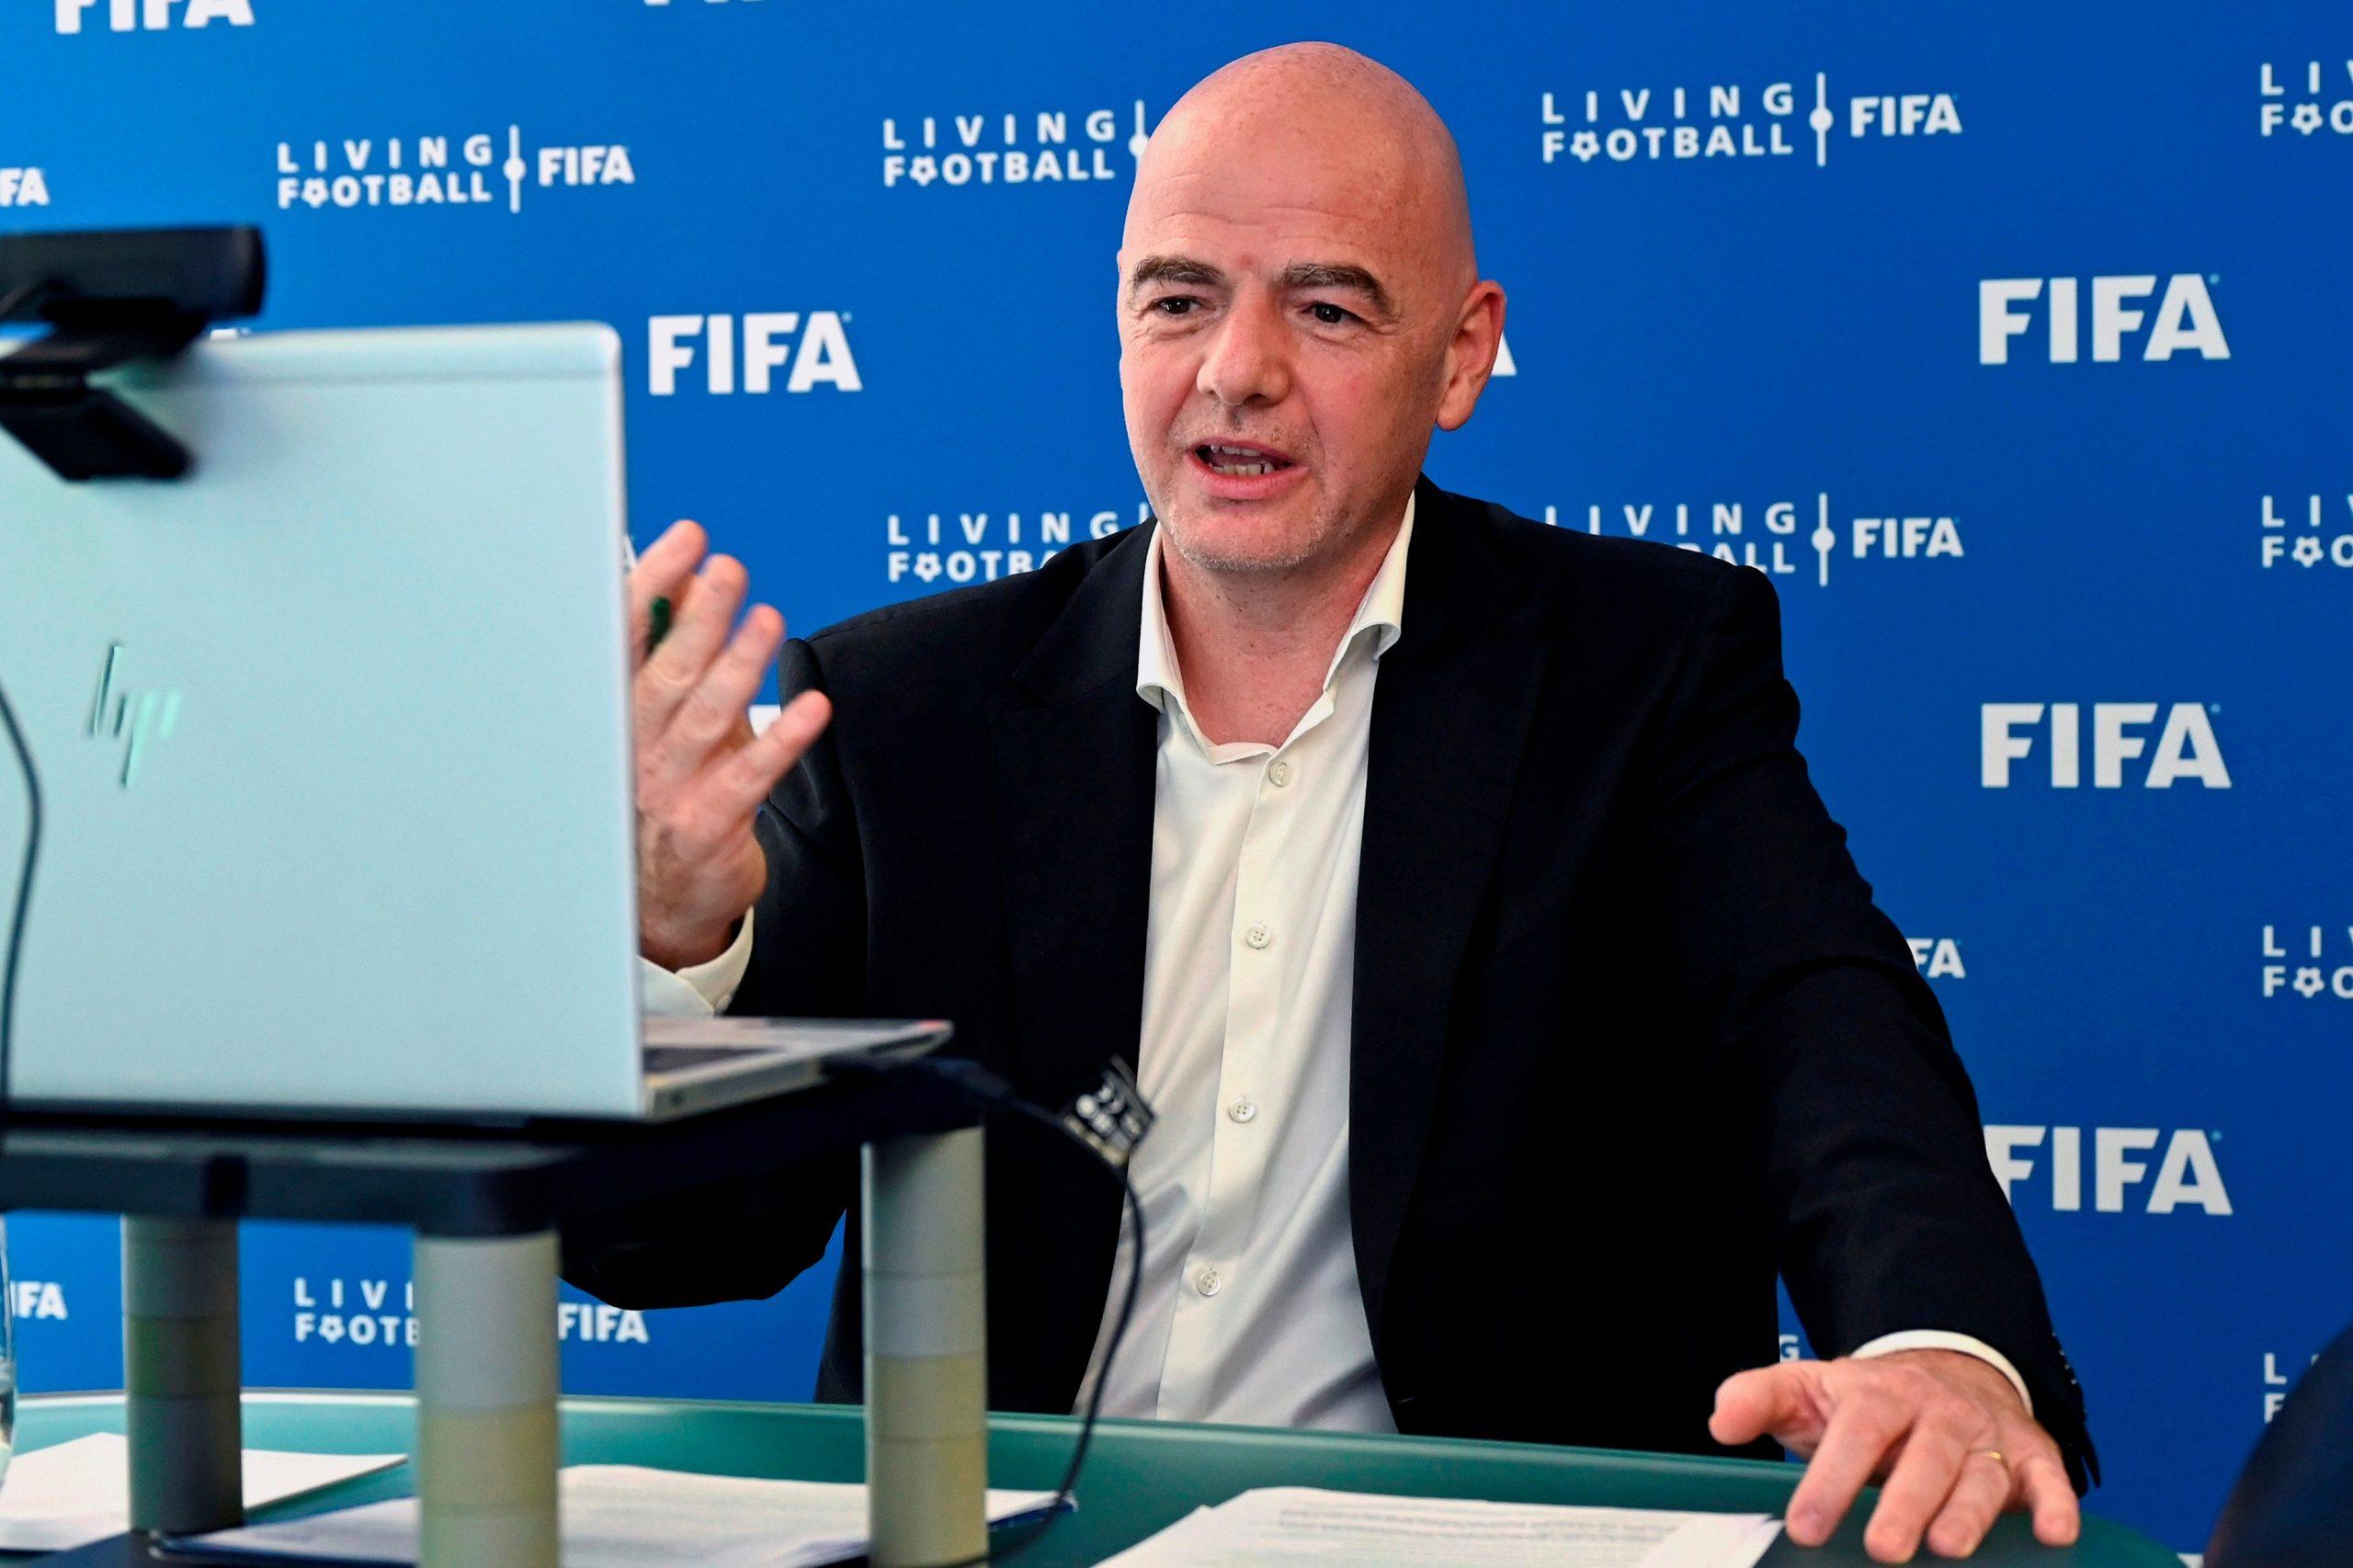 La FIFA advierte a La Liga y Premier League y pide al primer ministro del Reino Unido que deje salir a los jugadores para las eliminatorias de la Copa del Mundo